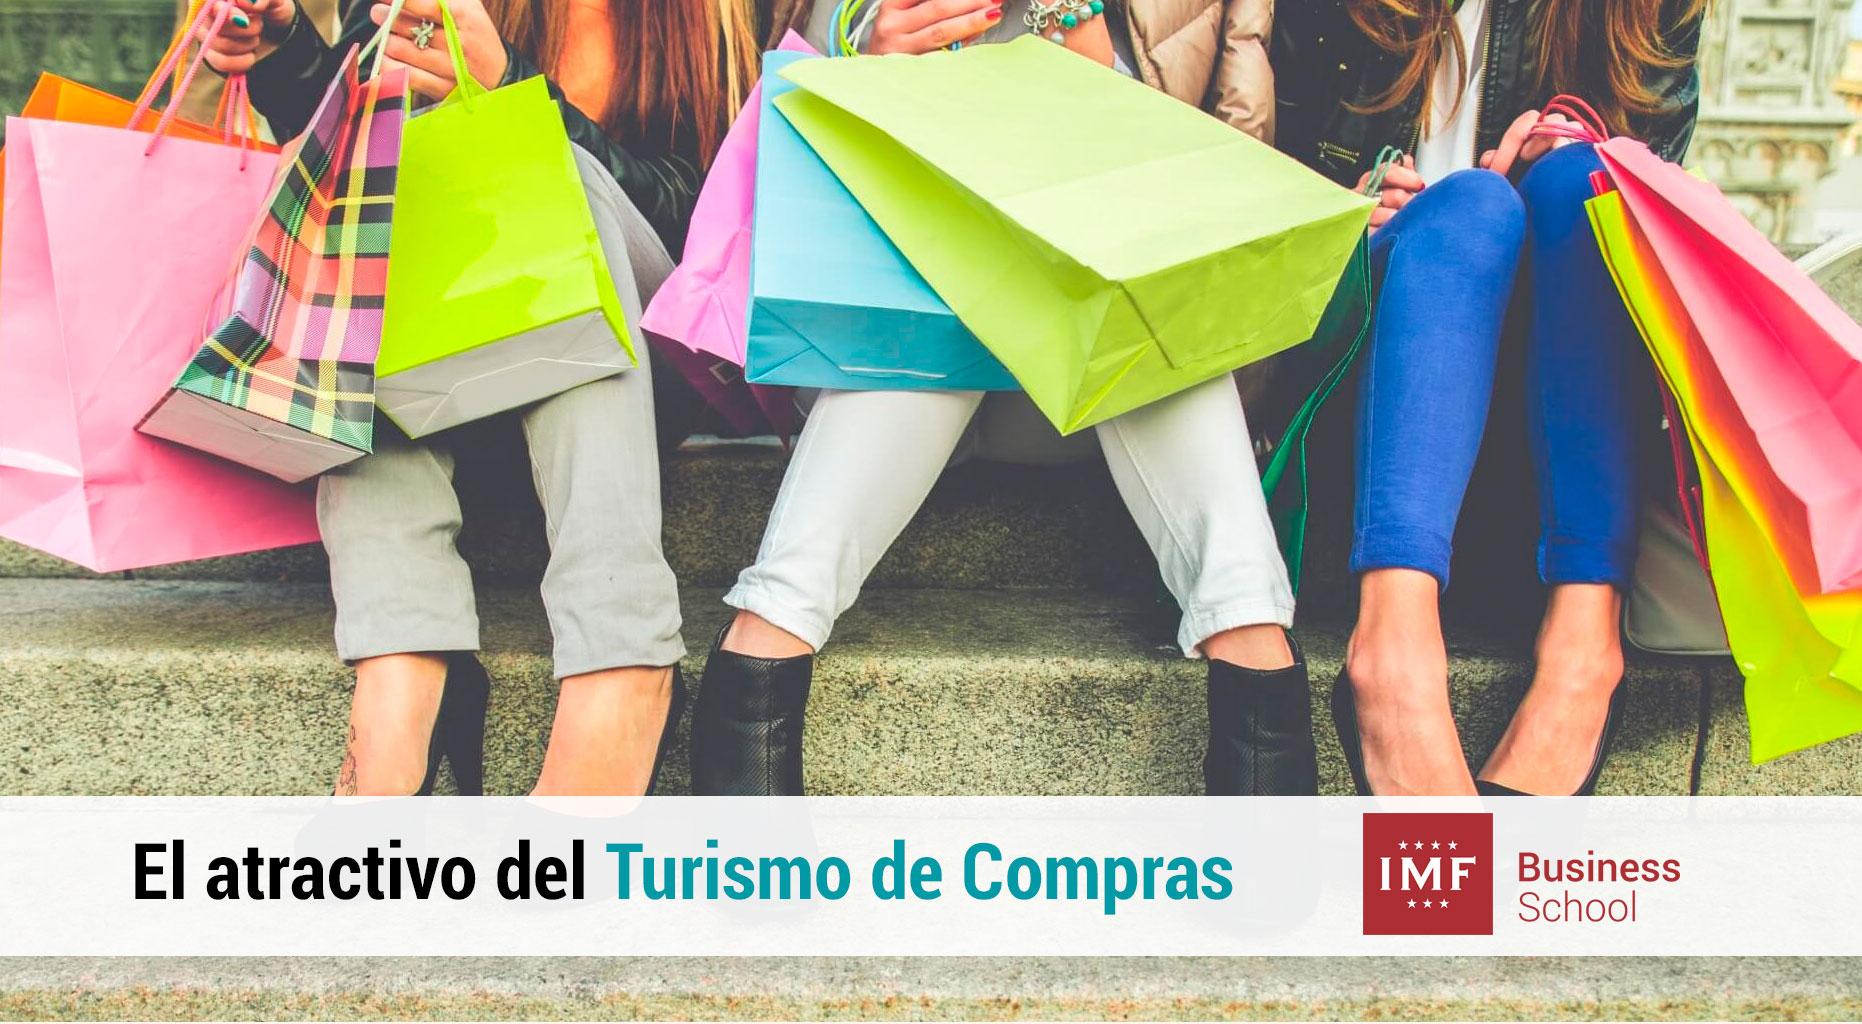 turismo-de-compras Viajar para comprar: el imparable ascenso del turismo de compras